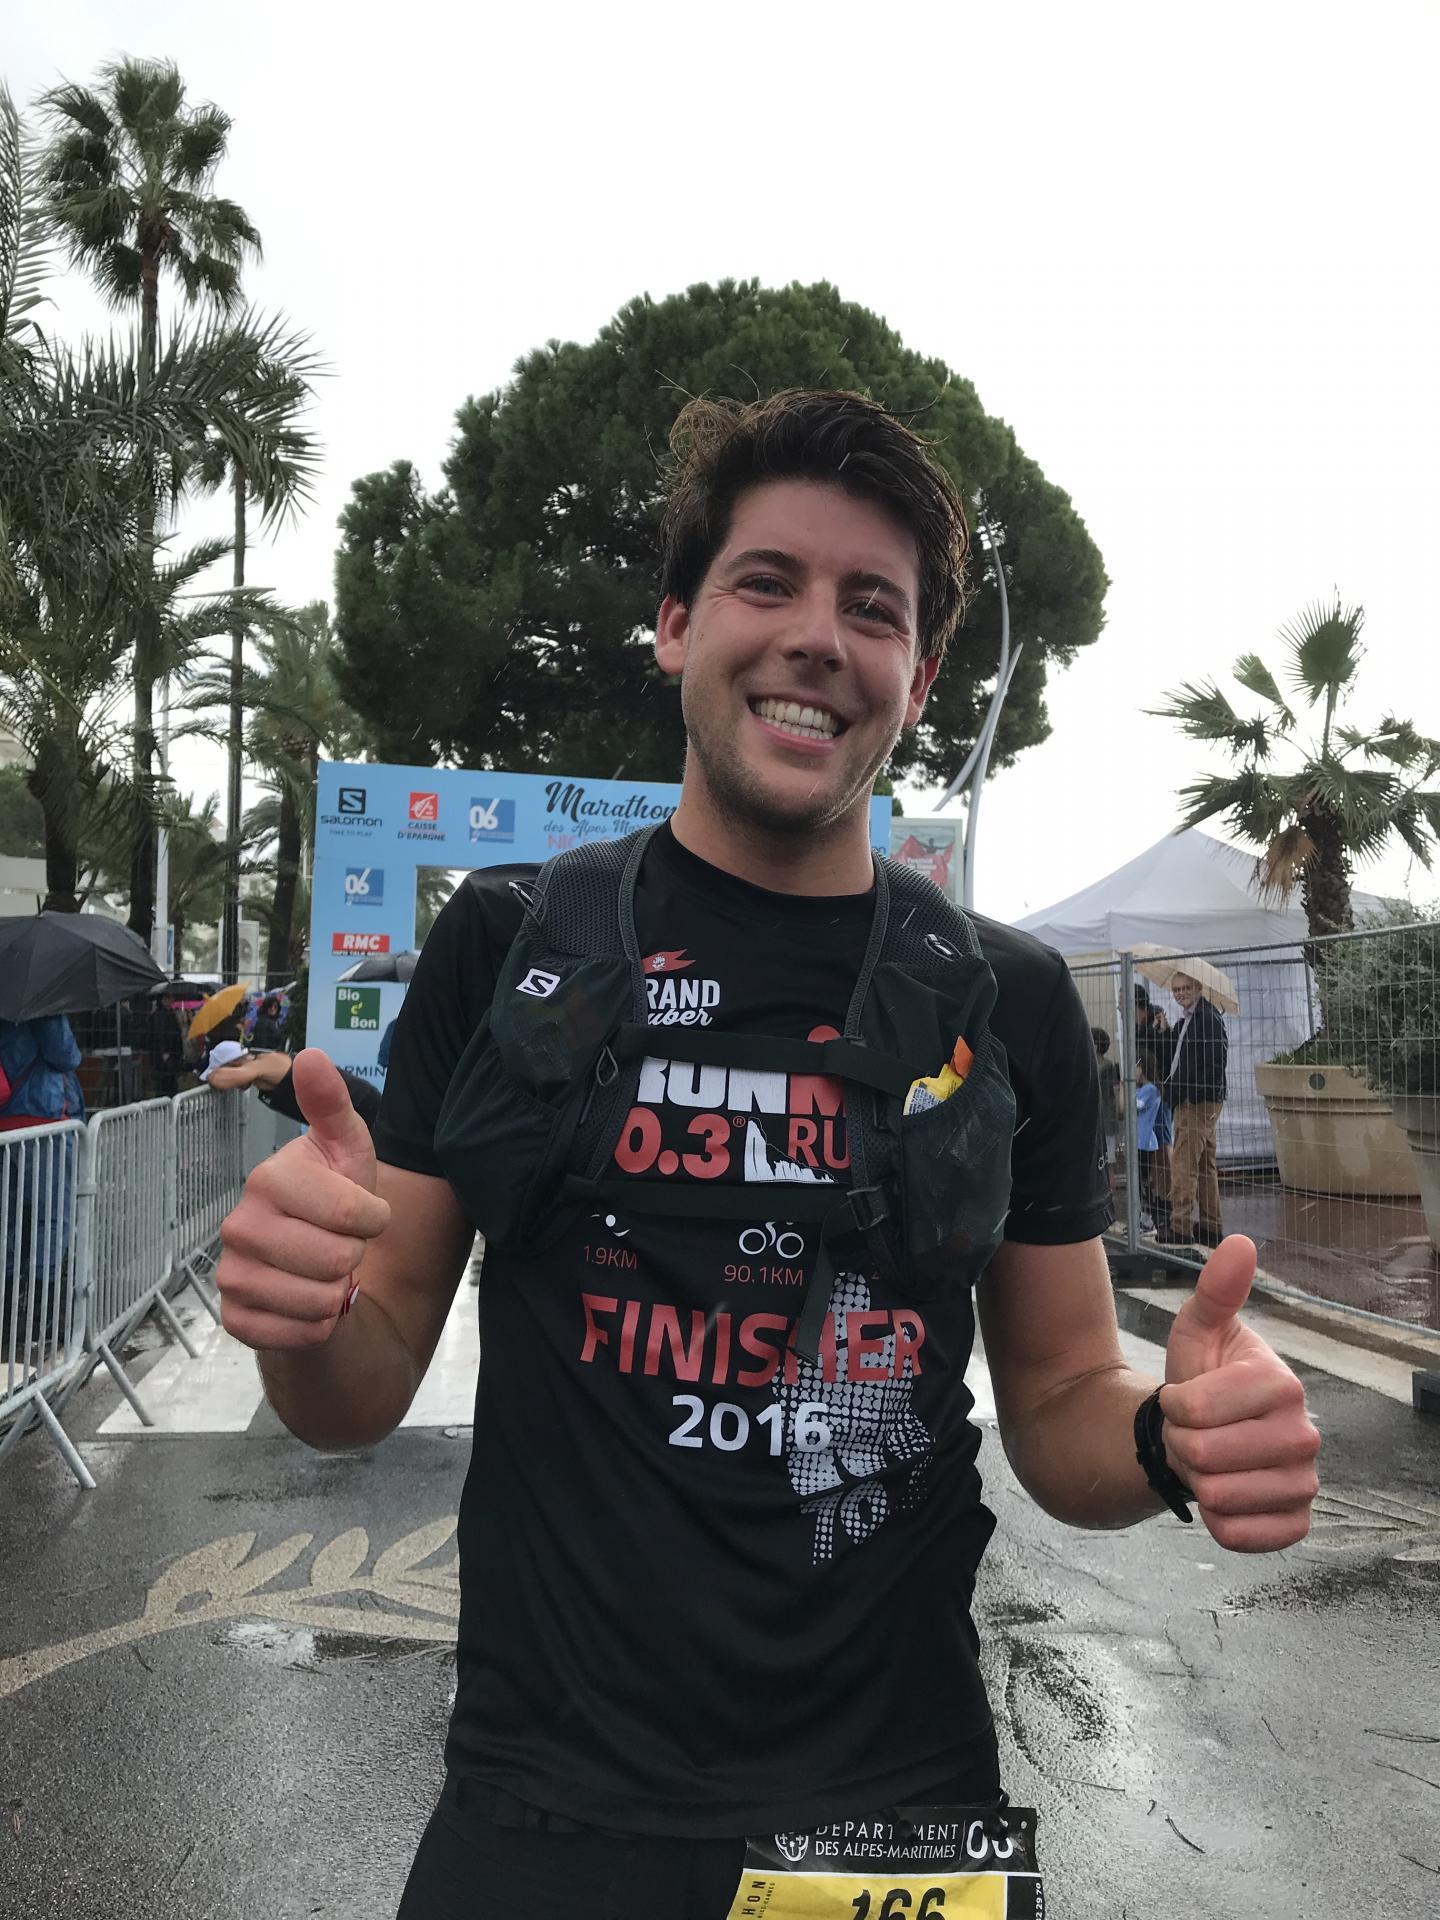 «C'était vraiment dur!» souffle Christian, Flamand de 26 ans, à l'arrivée après 2 h 57 d'efforts. C'était son premier marathon.